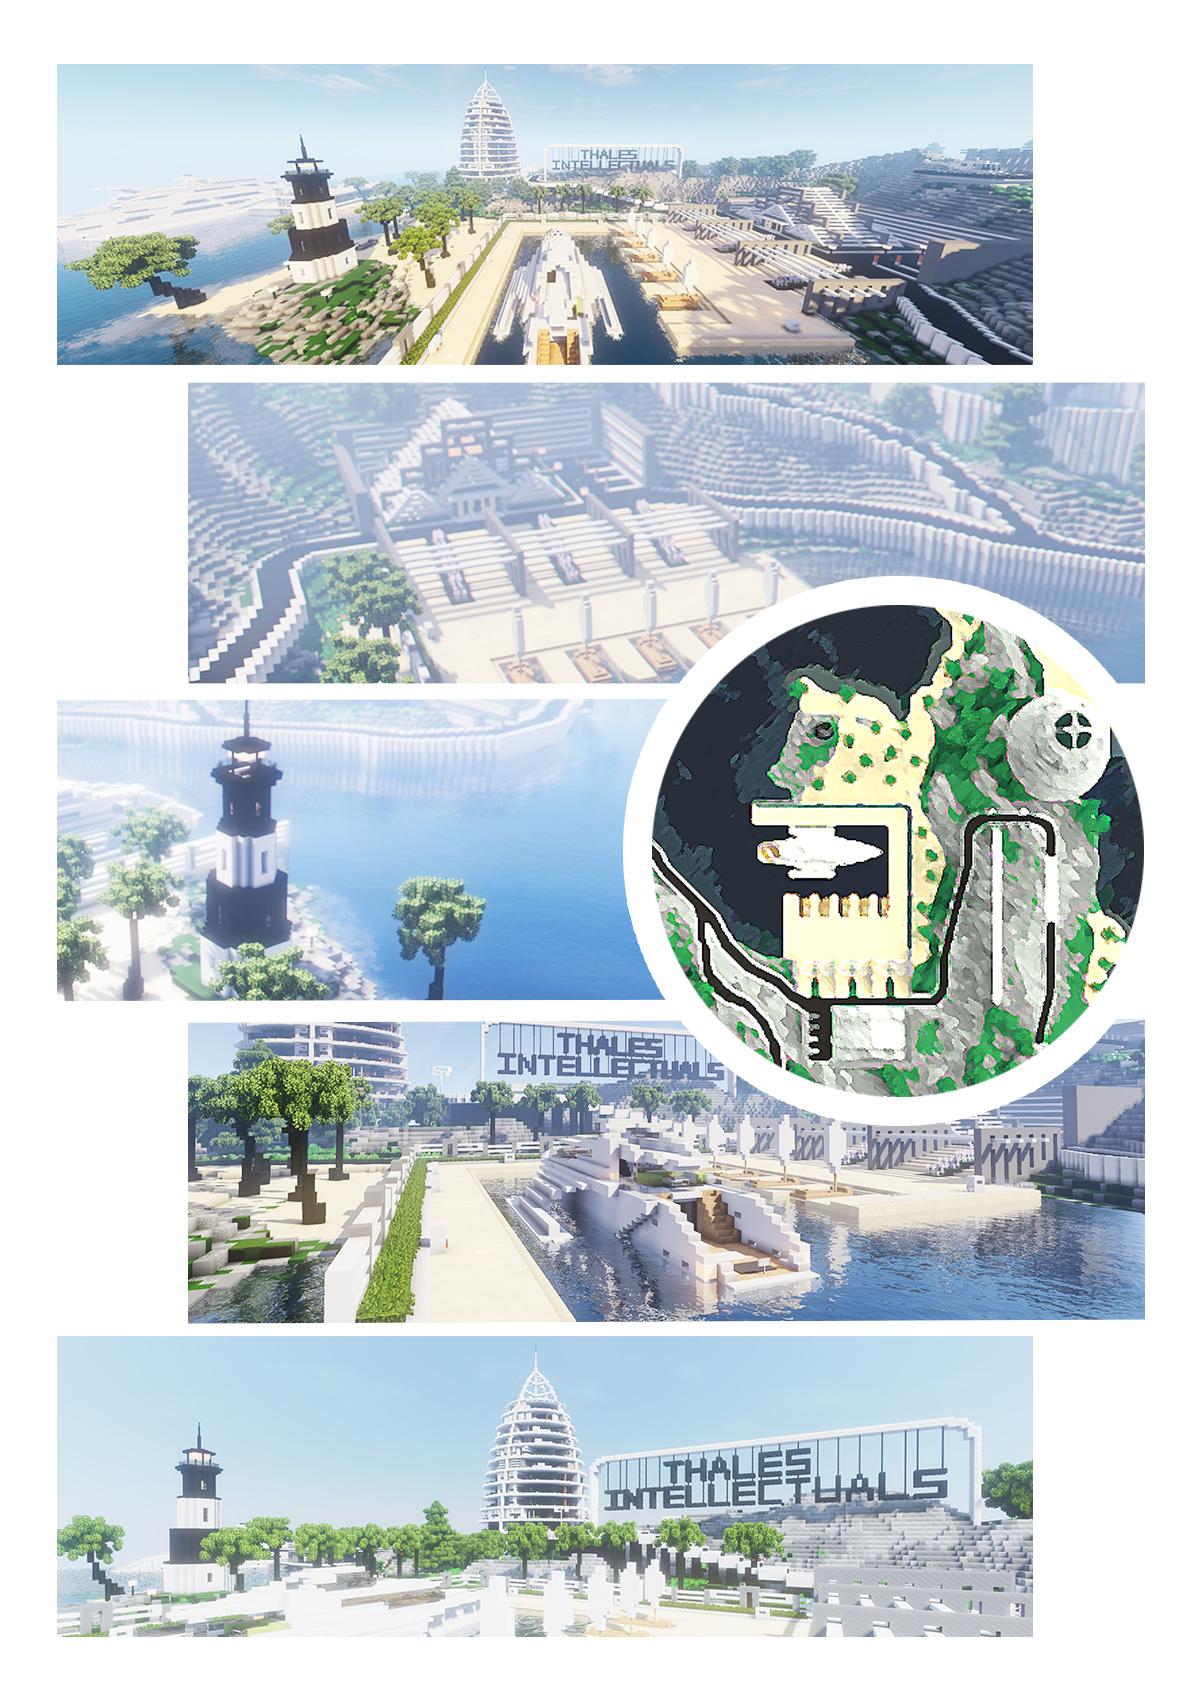 【我的别墅现代建筑群】海岛v别墅别墅--源梦岛世界万佳邹城小阳光城图片